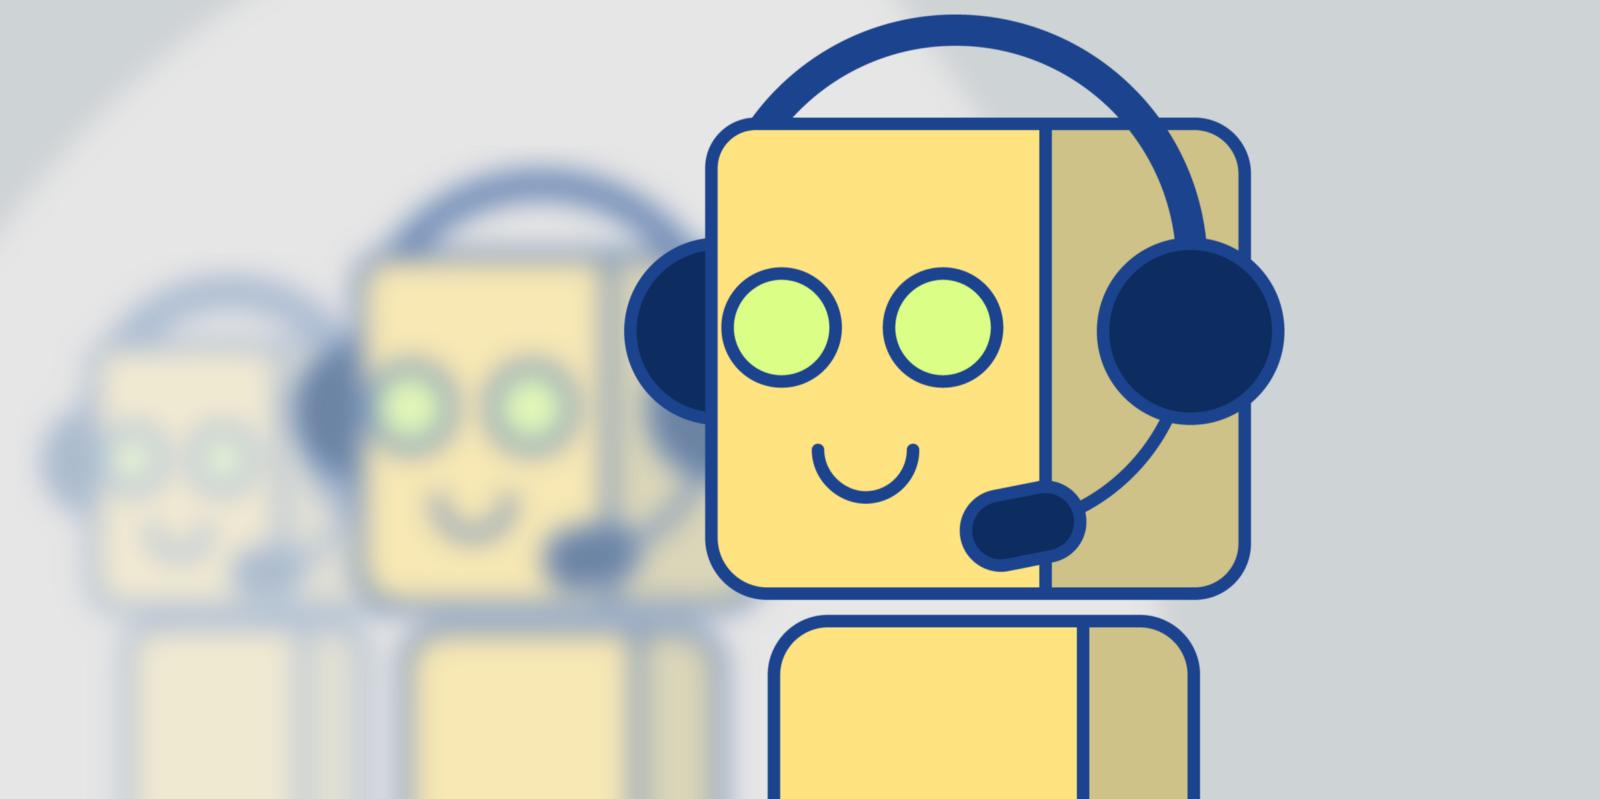 Tendências de Marketing Digital em 2019 Chatbot